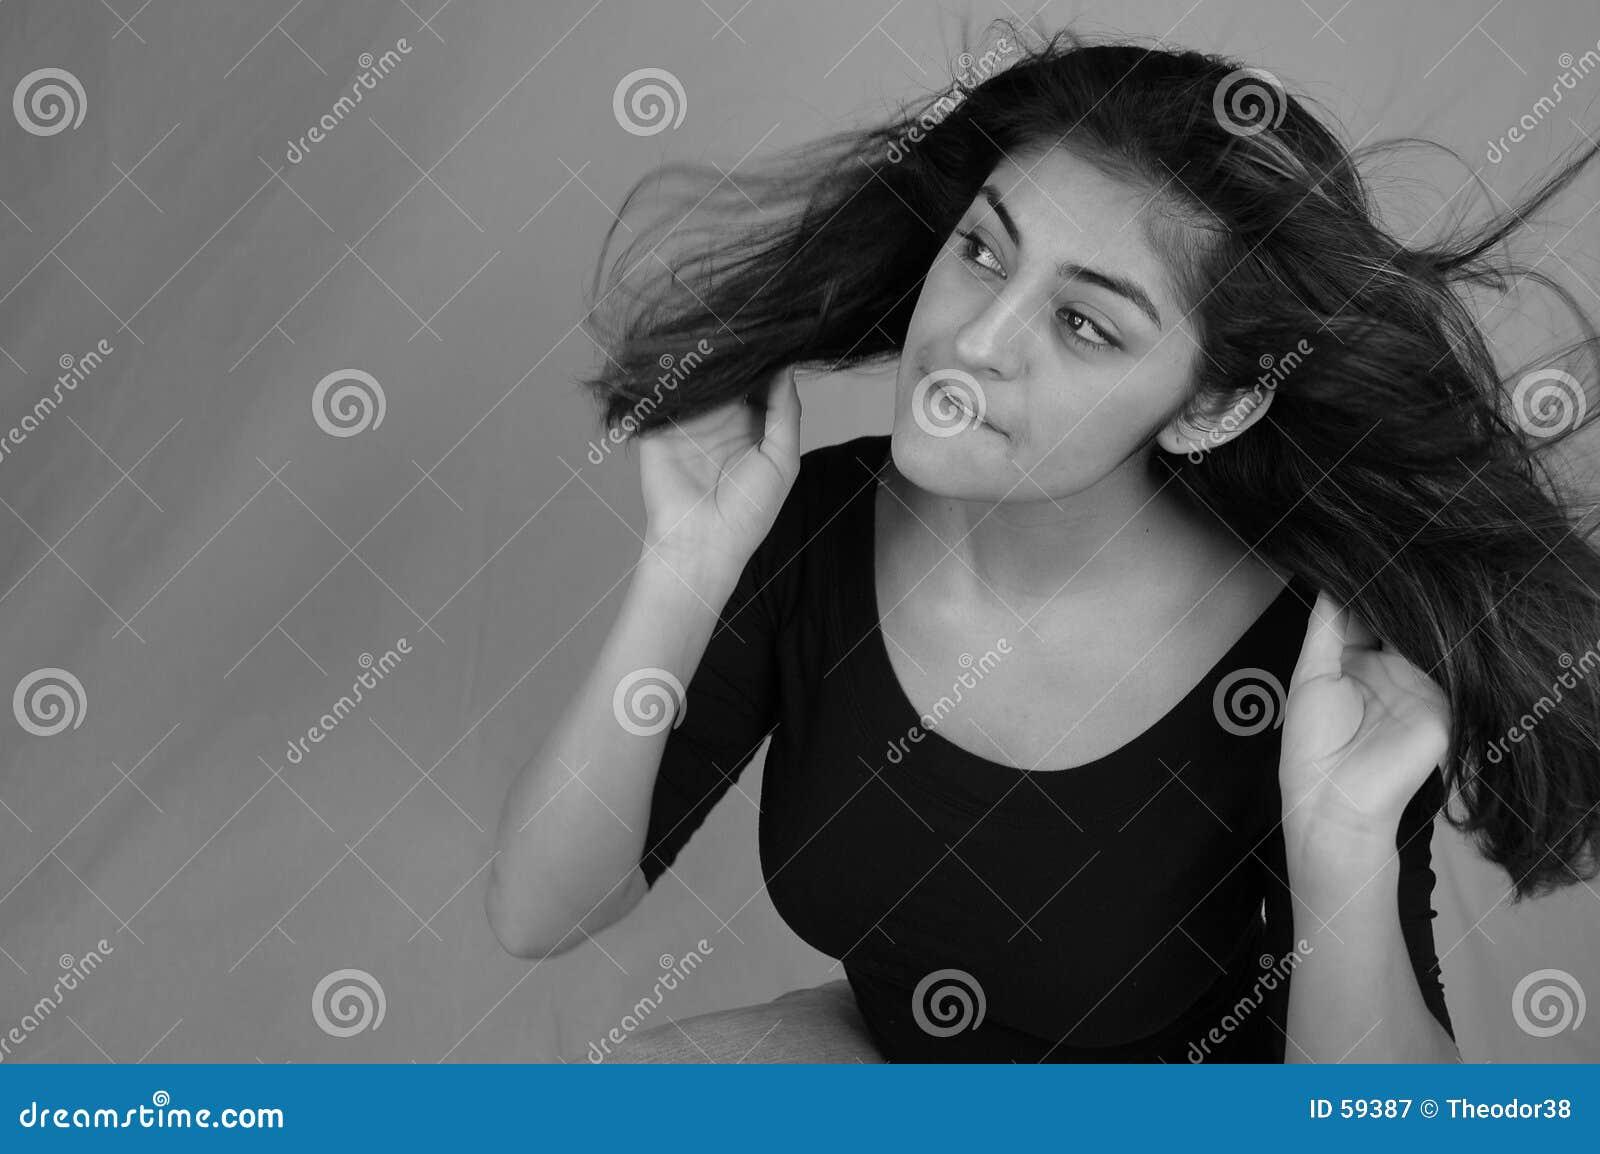 5 tańczącego włosy